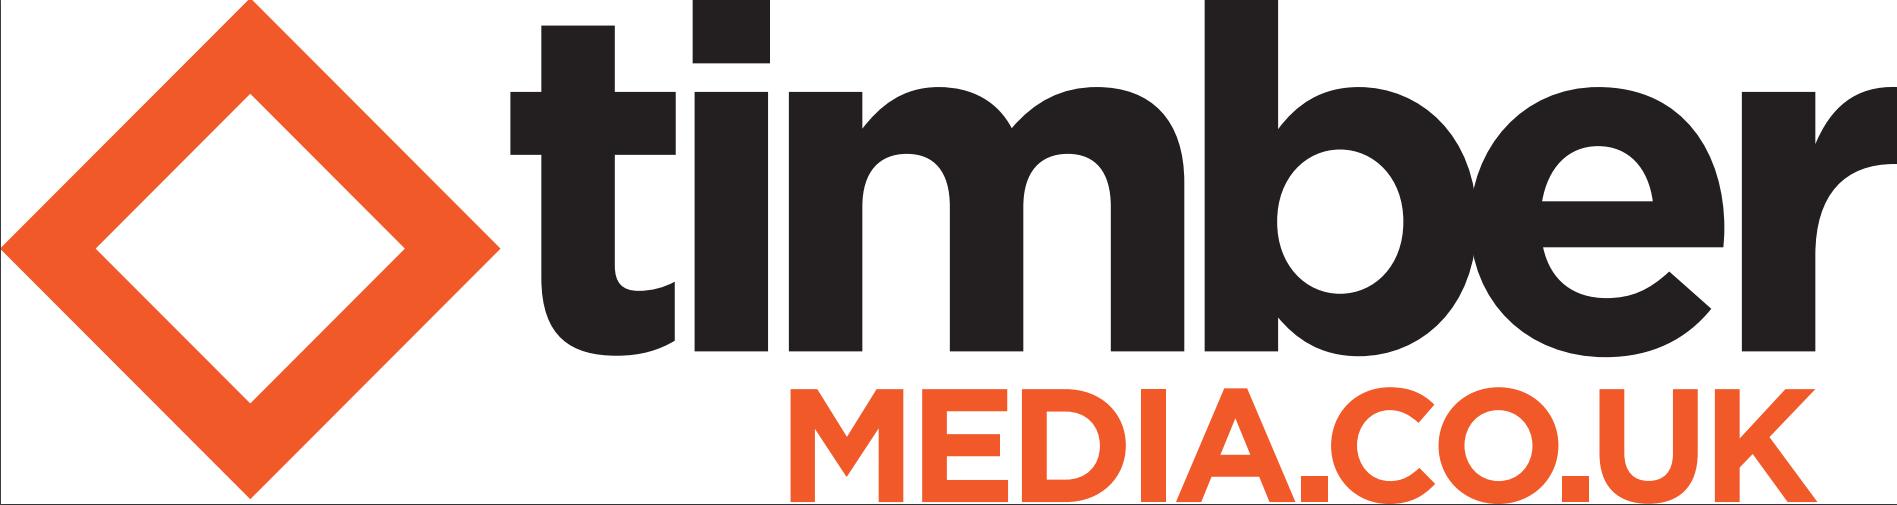 Timber Media Ltd